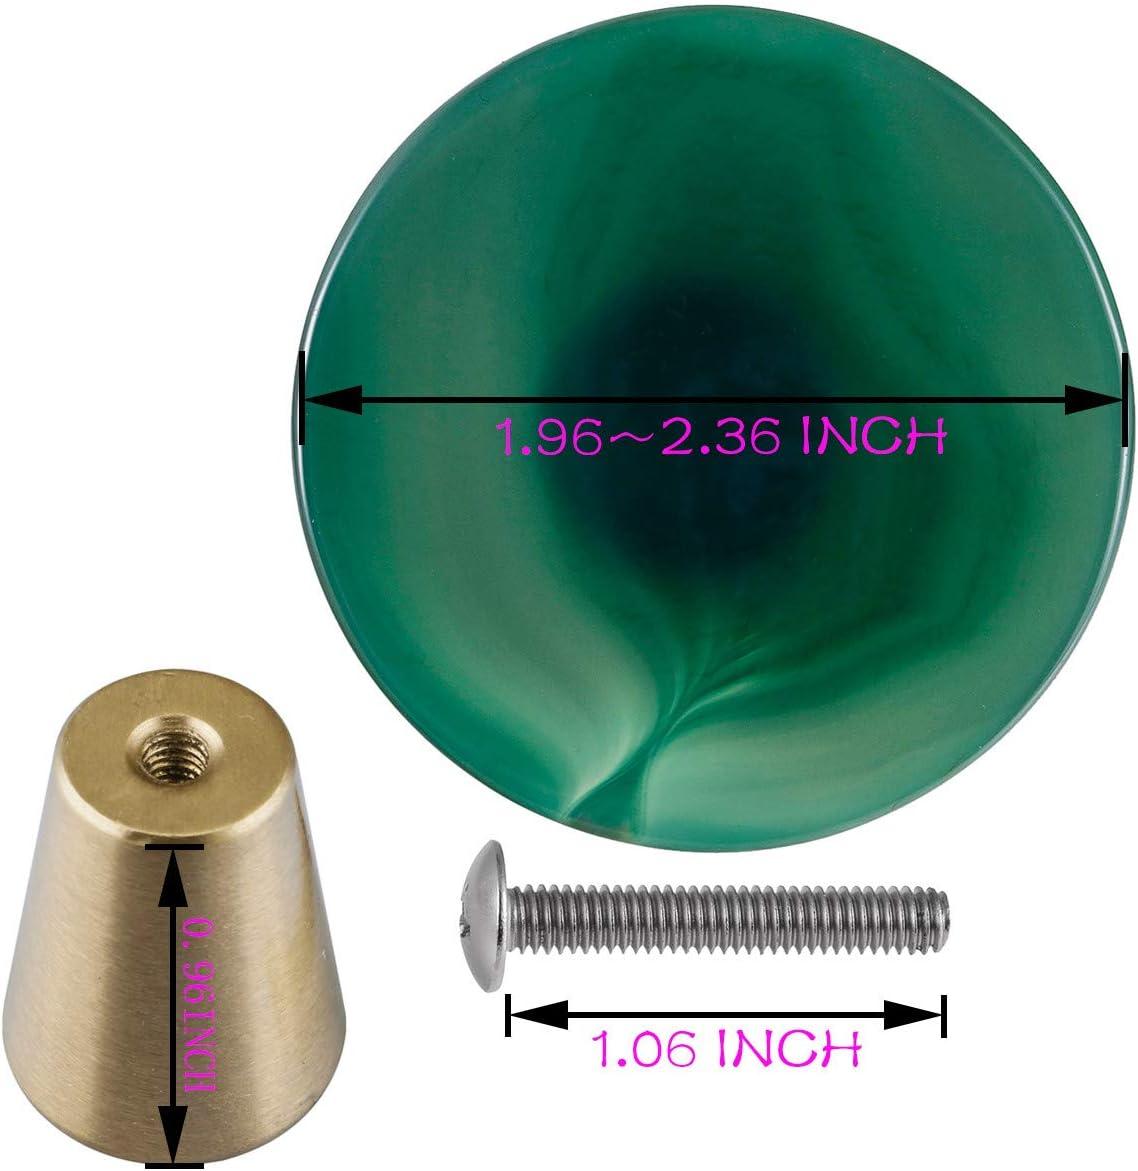 Hueso mookaitedecor di/ámetro: 50 mm Juego de 4 tiradores decorativos para cajones // armarios // puertas